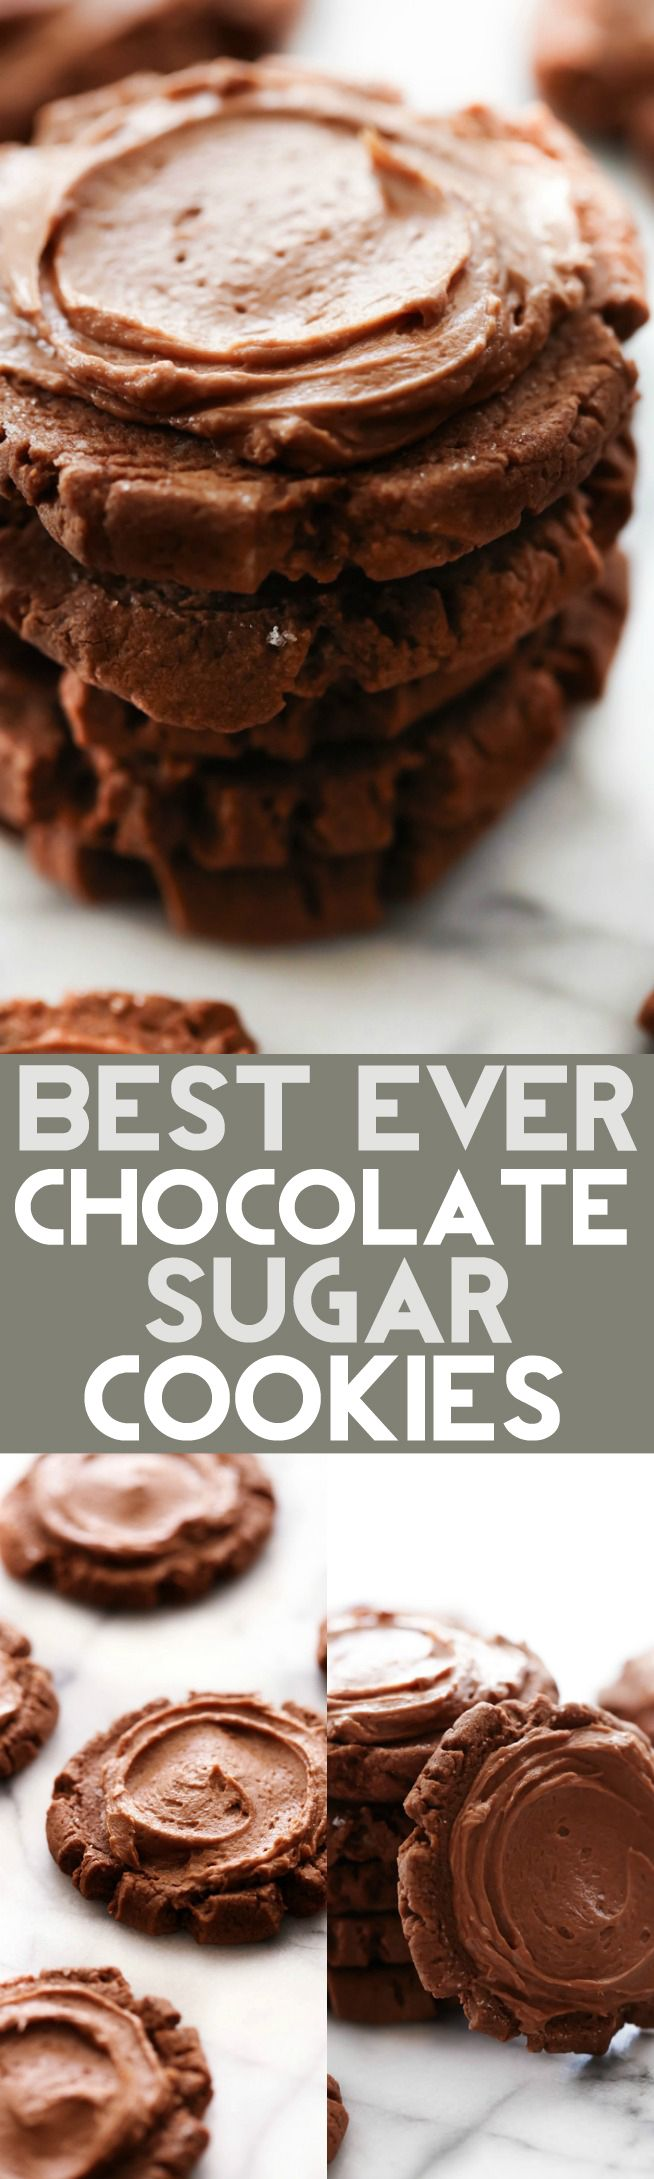 Best Ever Chocolate Sugar Cookies (Swig Dirtball Cookie Copy Cat)